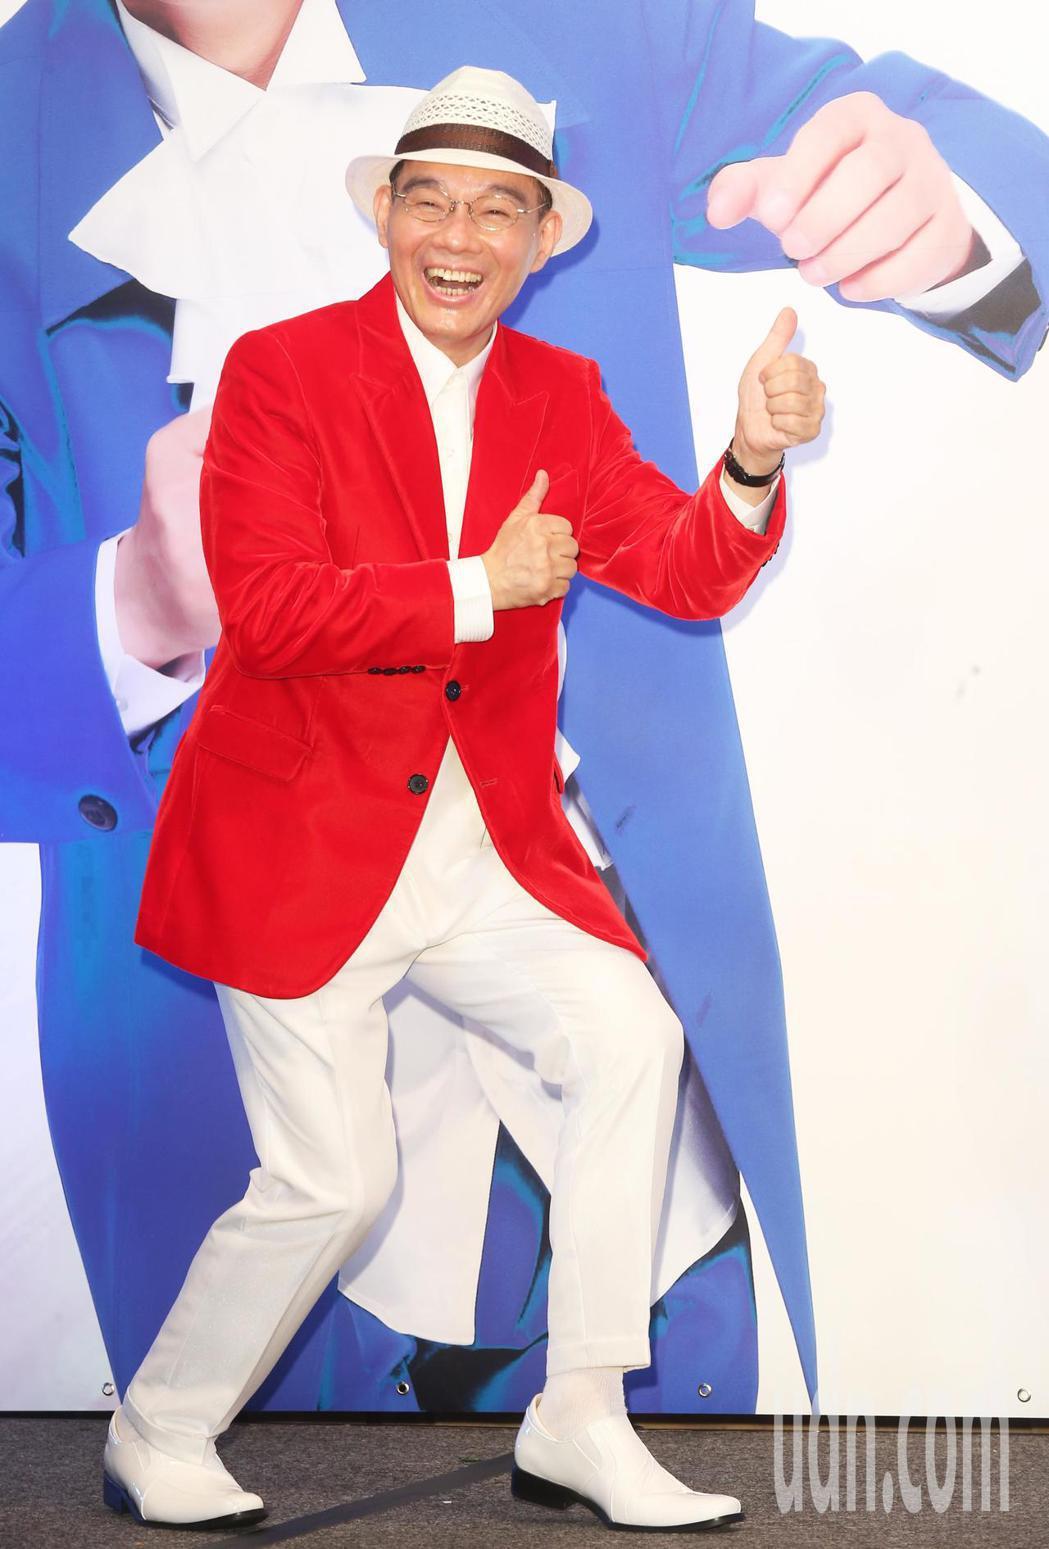 出道30年的台語歌手陳雷將在今年7月21日首度登小巨蛋舉行個人演唱會。記者徐兆玄...